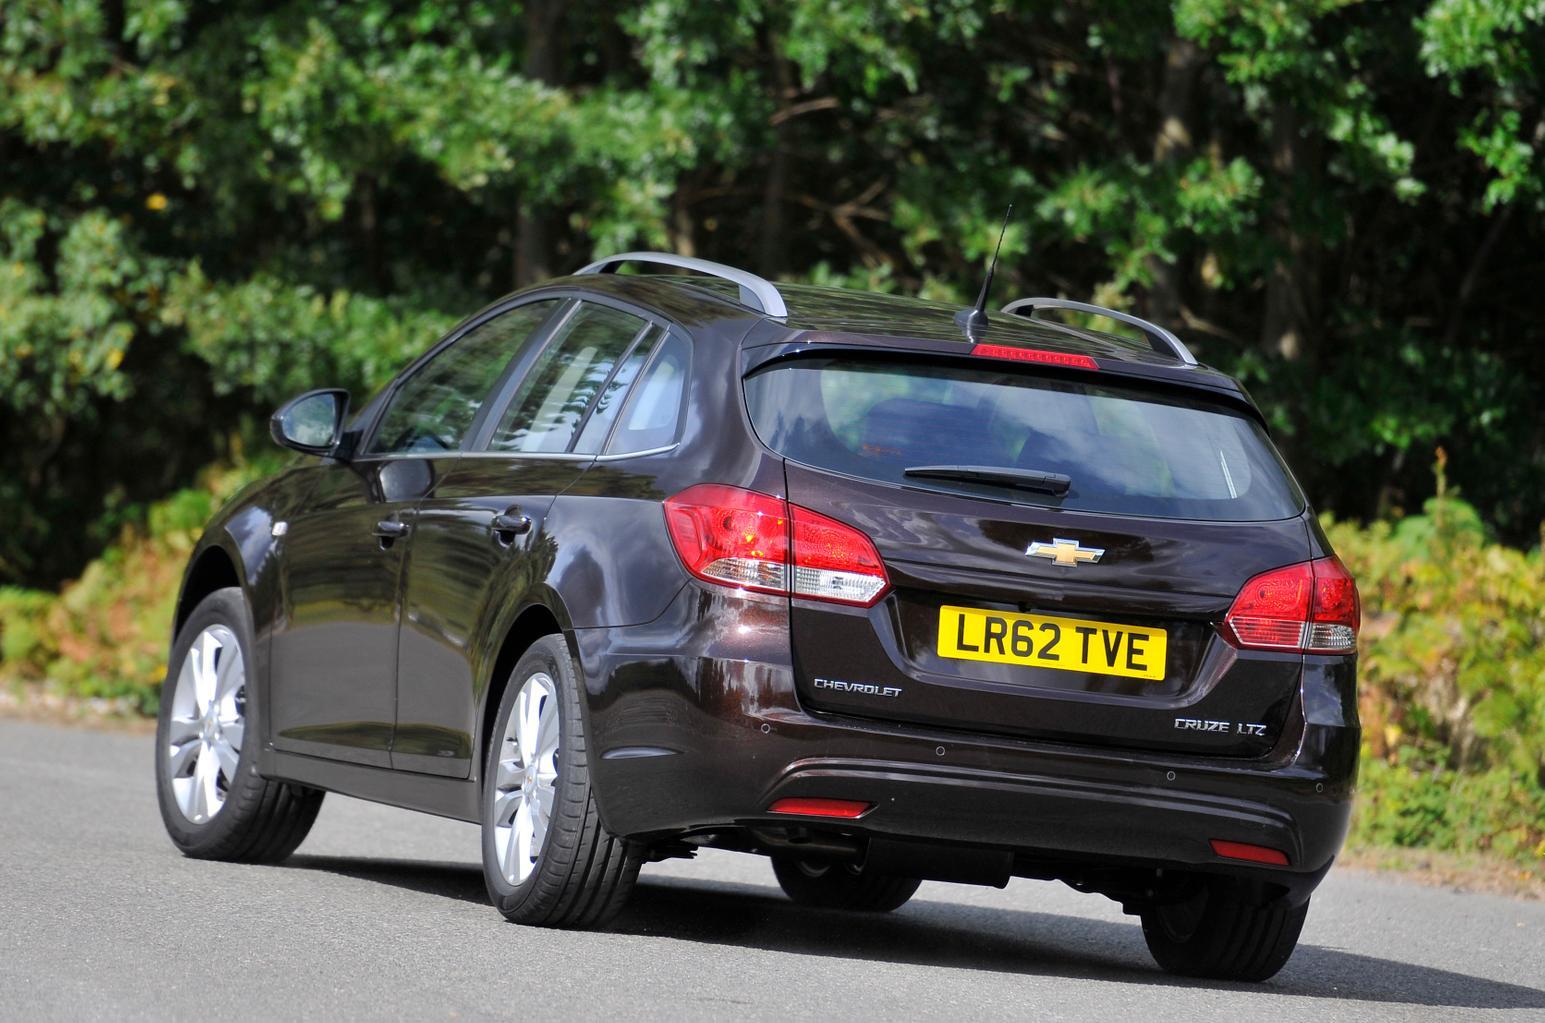 Used Ford Focus Estate vs Kia Cee'd SW vs Chevrolet Cruze SW